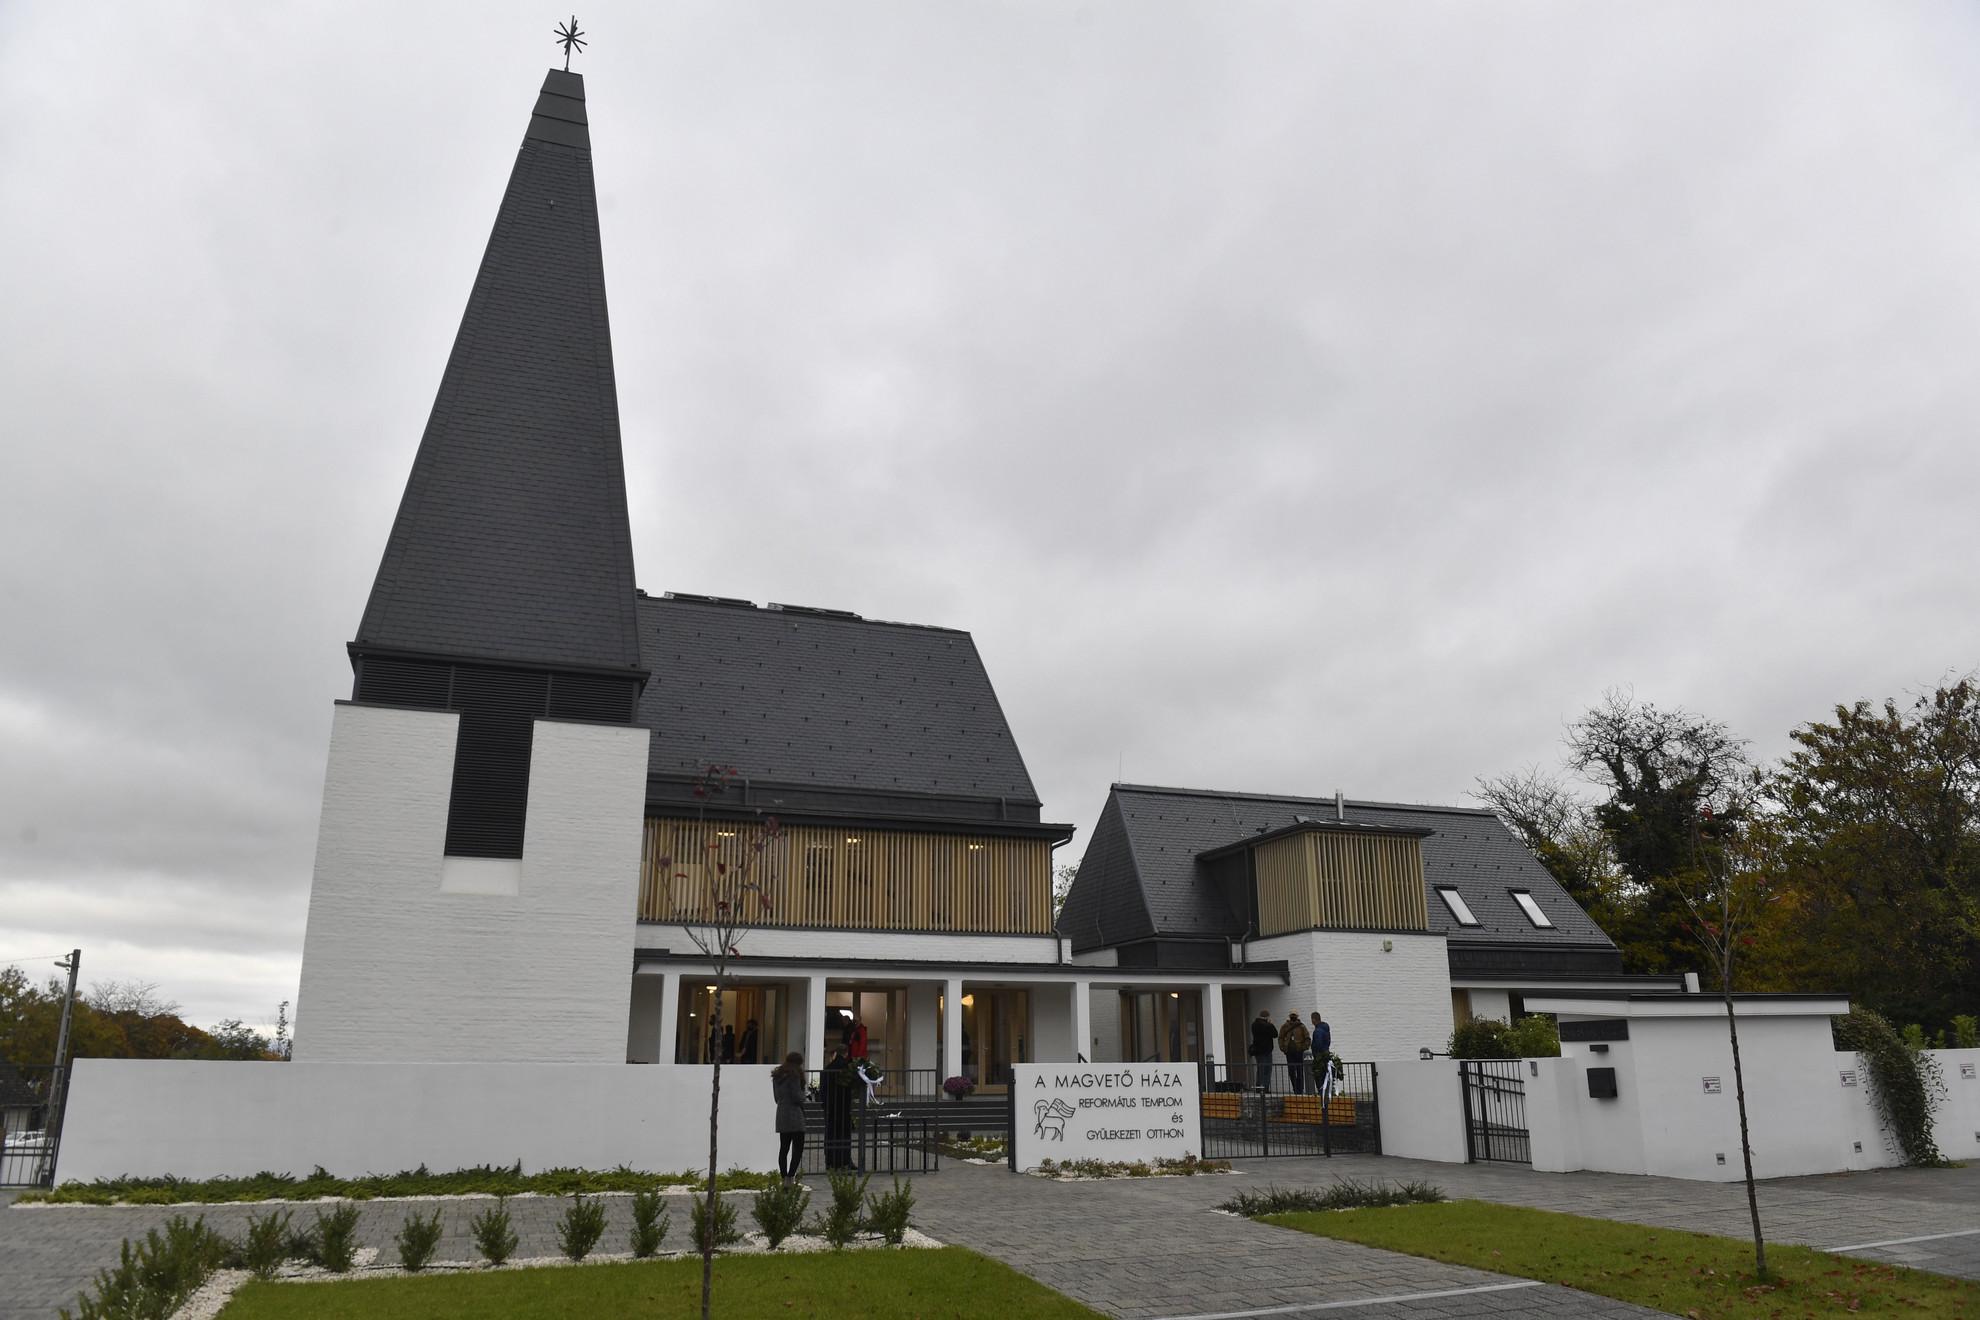 A csömöri református templom, ahol hálaadó istentiszteletet tartottak a templom felépüléséért 2020. október 31-én